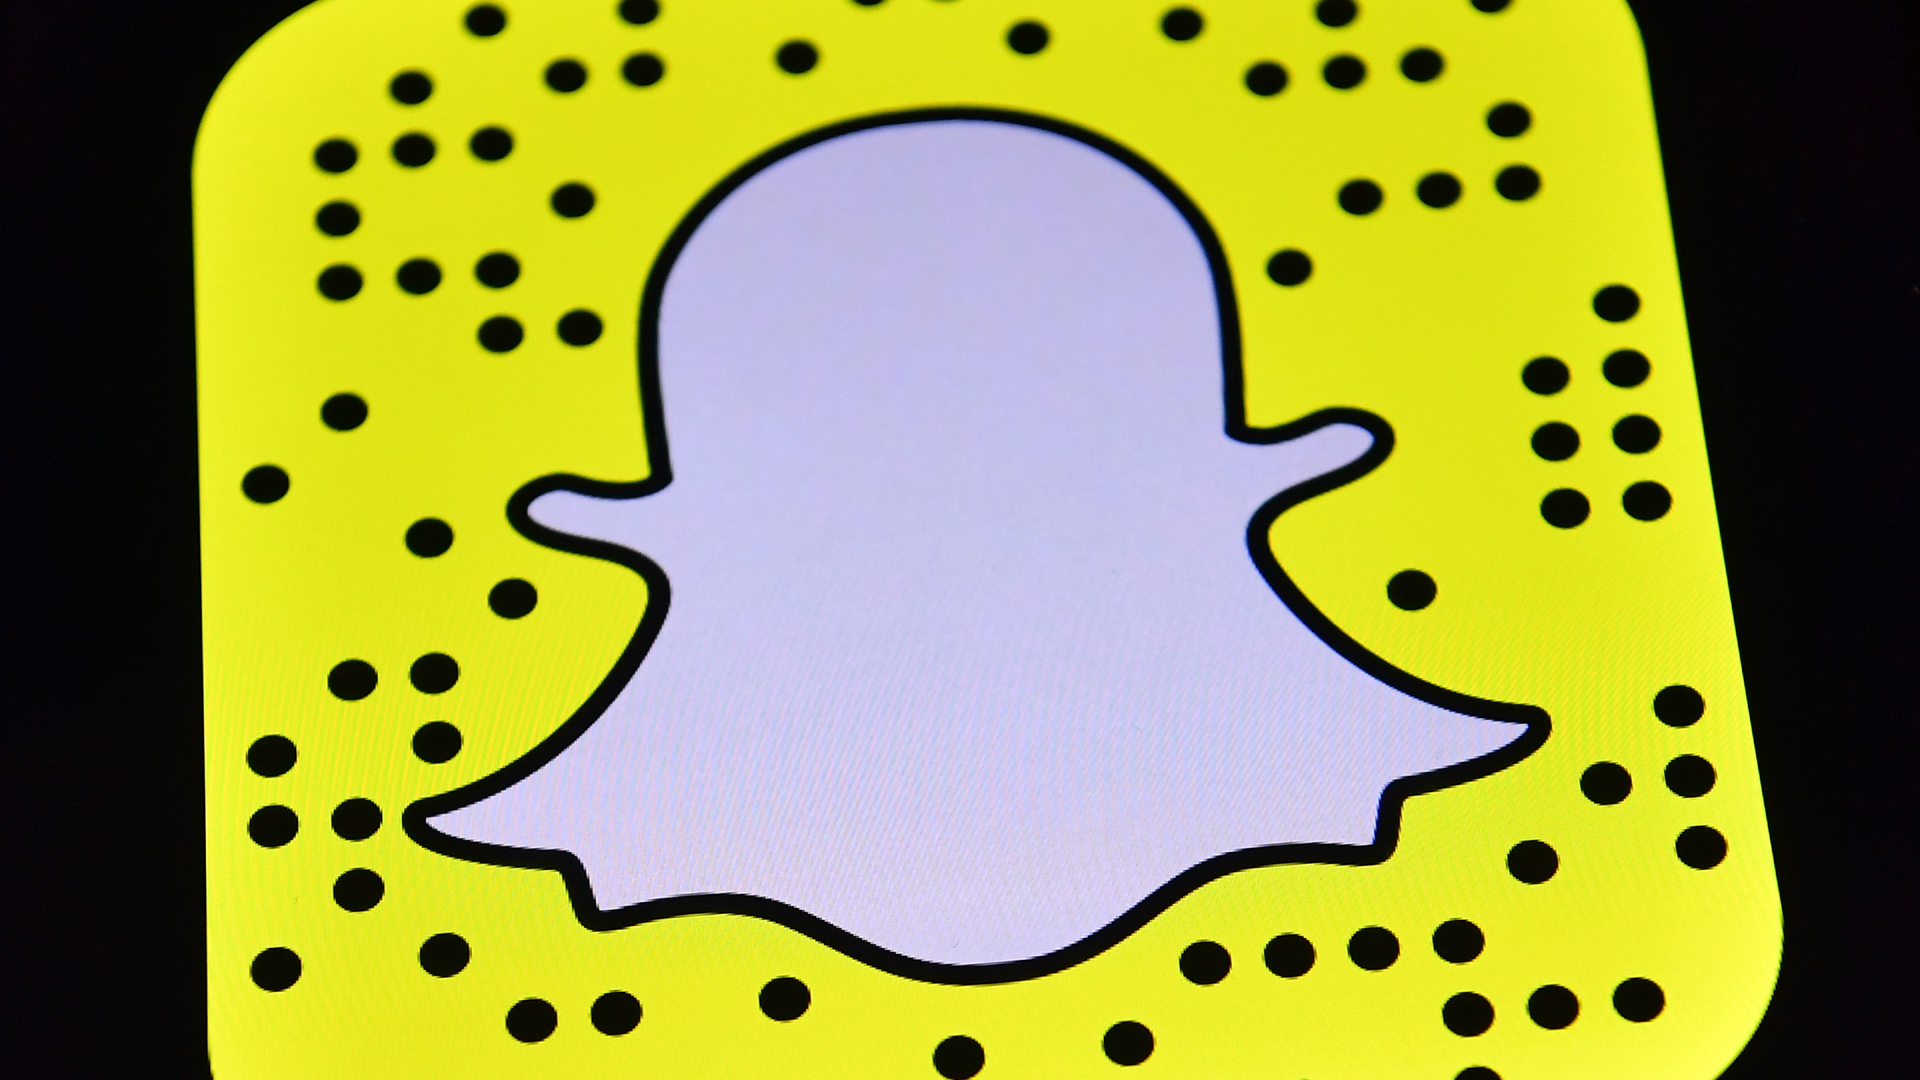 Snapchat logo illustration38189557-159532